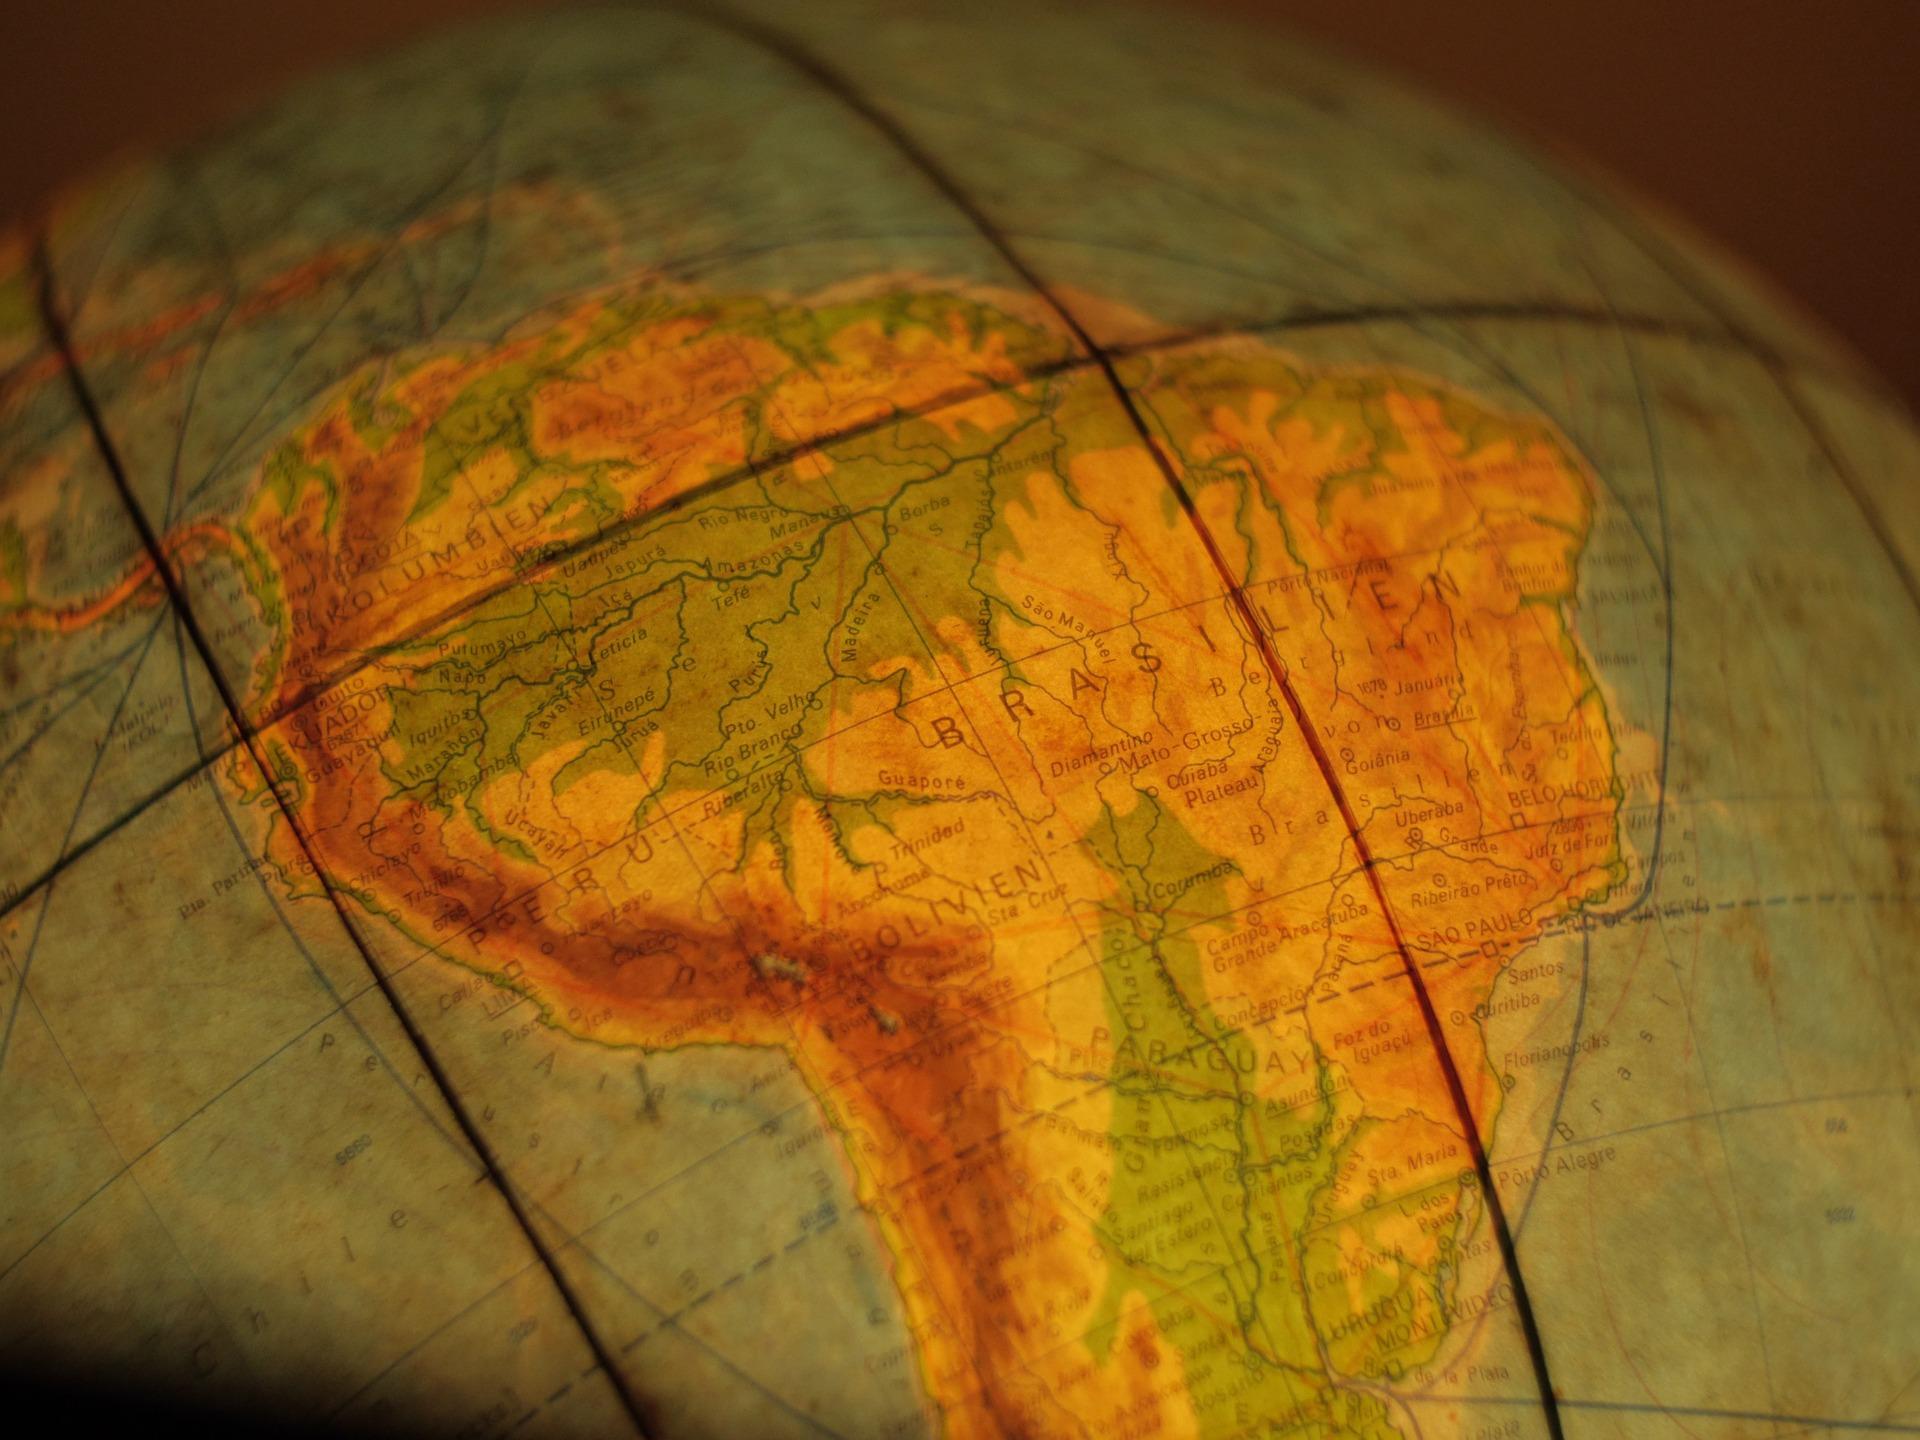 Chcesz się sprawdzić w wiedzy o jednym z najbardziej misyjnych kontynentów? Oto quiz specjalnie dla Ciebie!